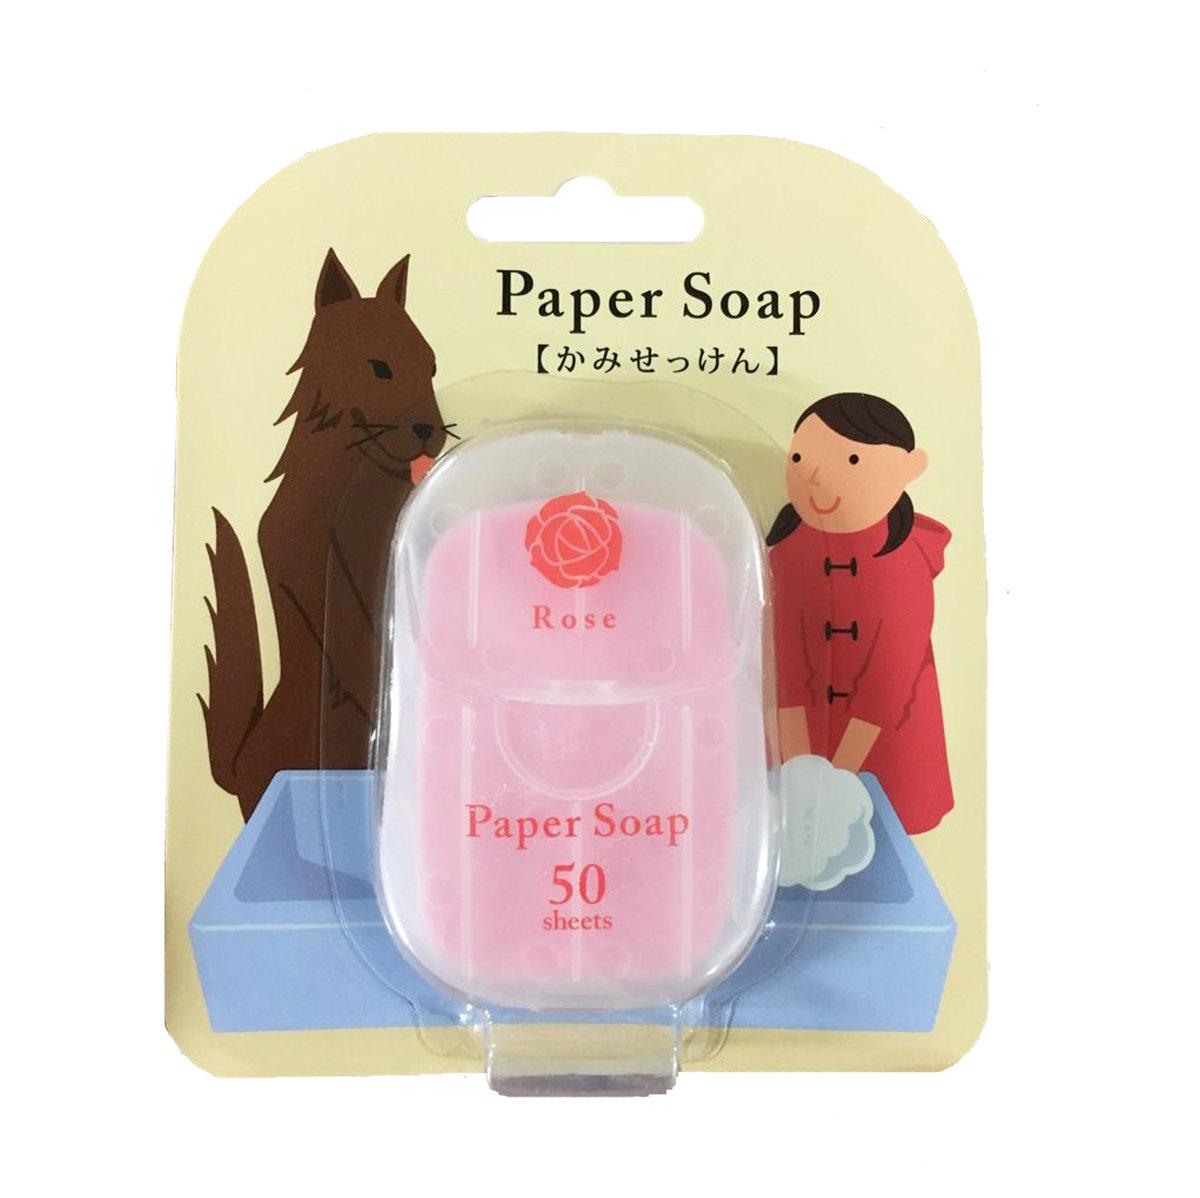 Paper Soap 肥皂紙香皂 (1盒50張) 玫瑰味 (4975541027747)